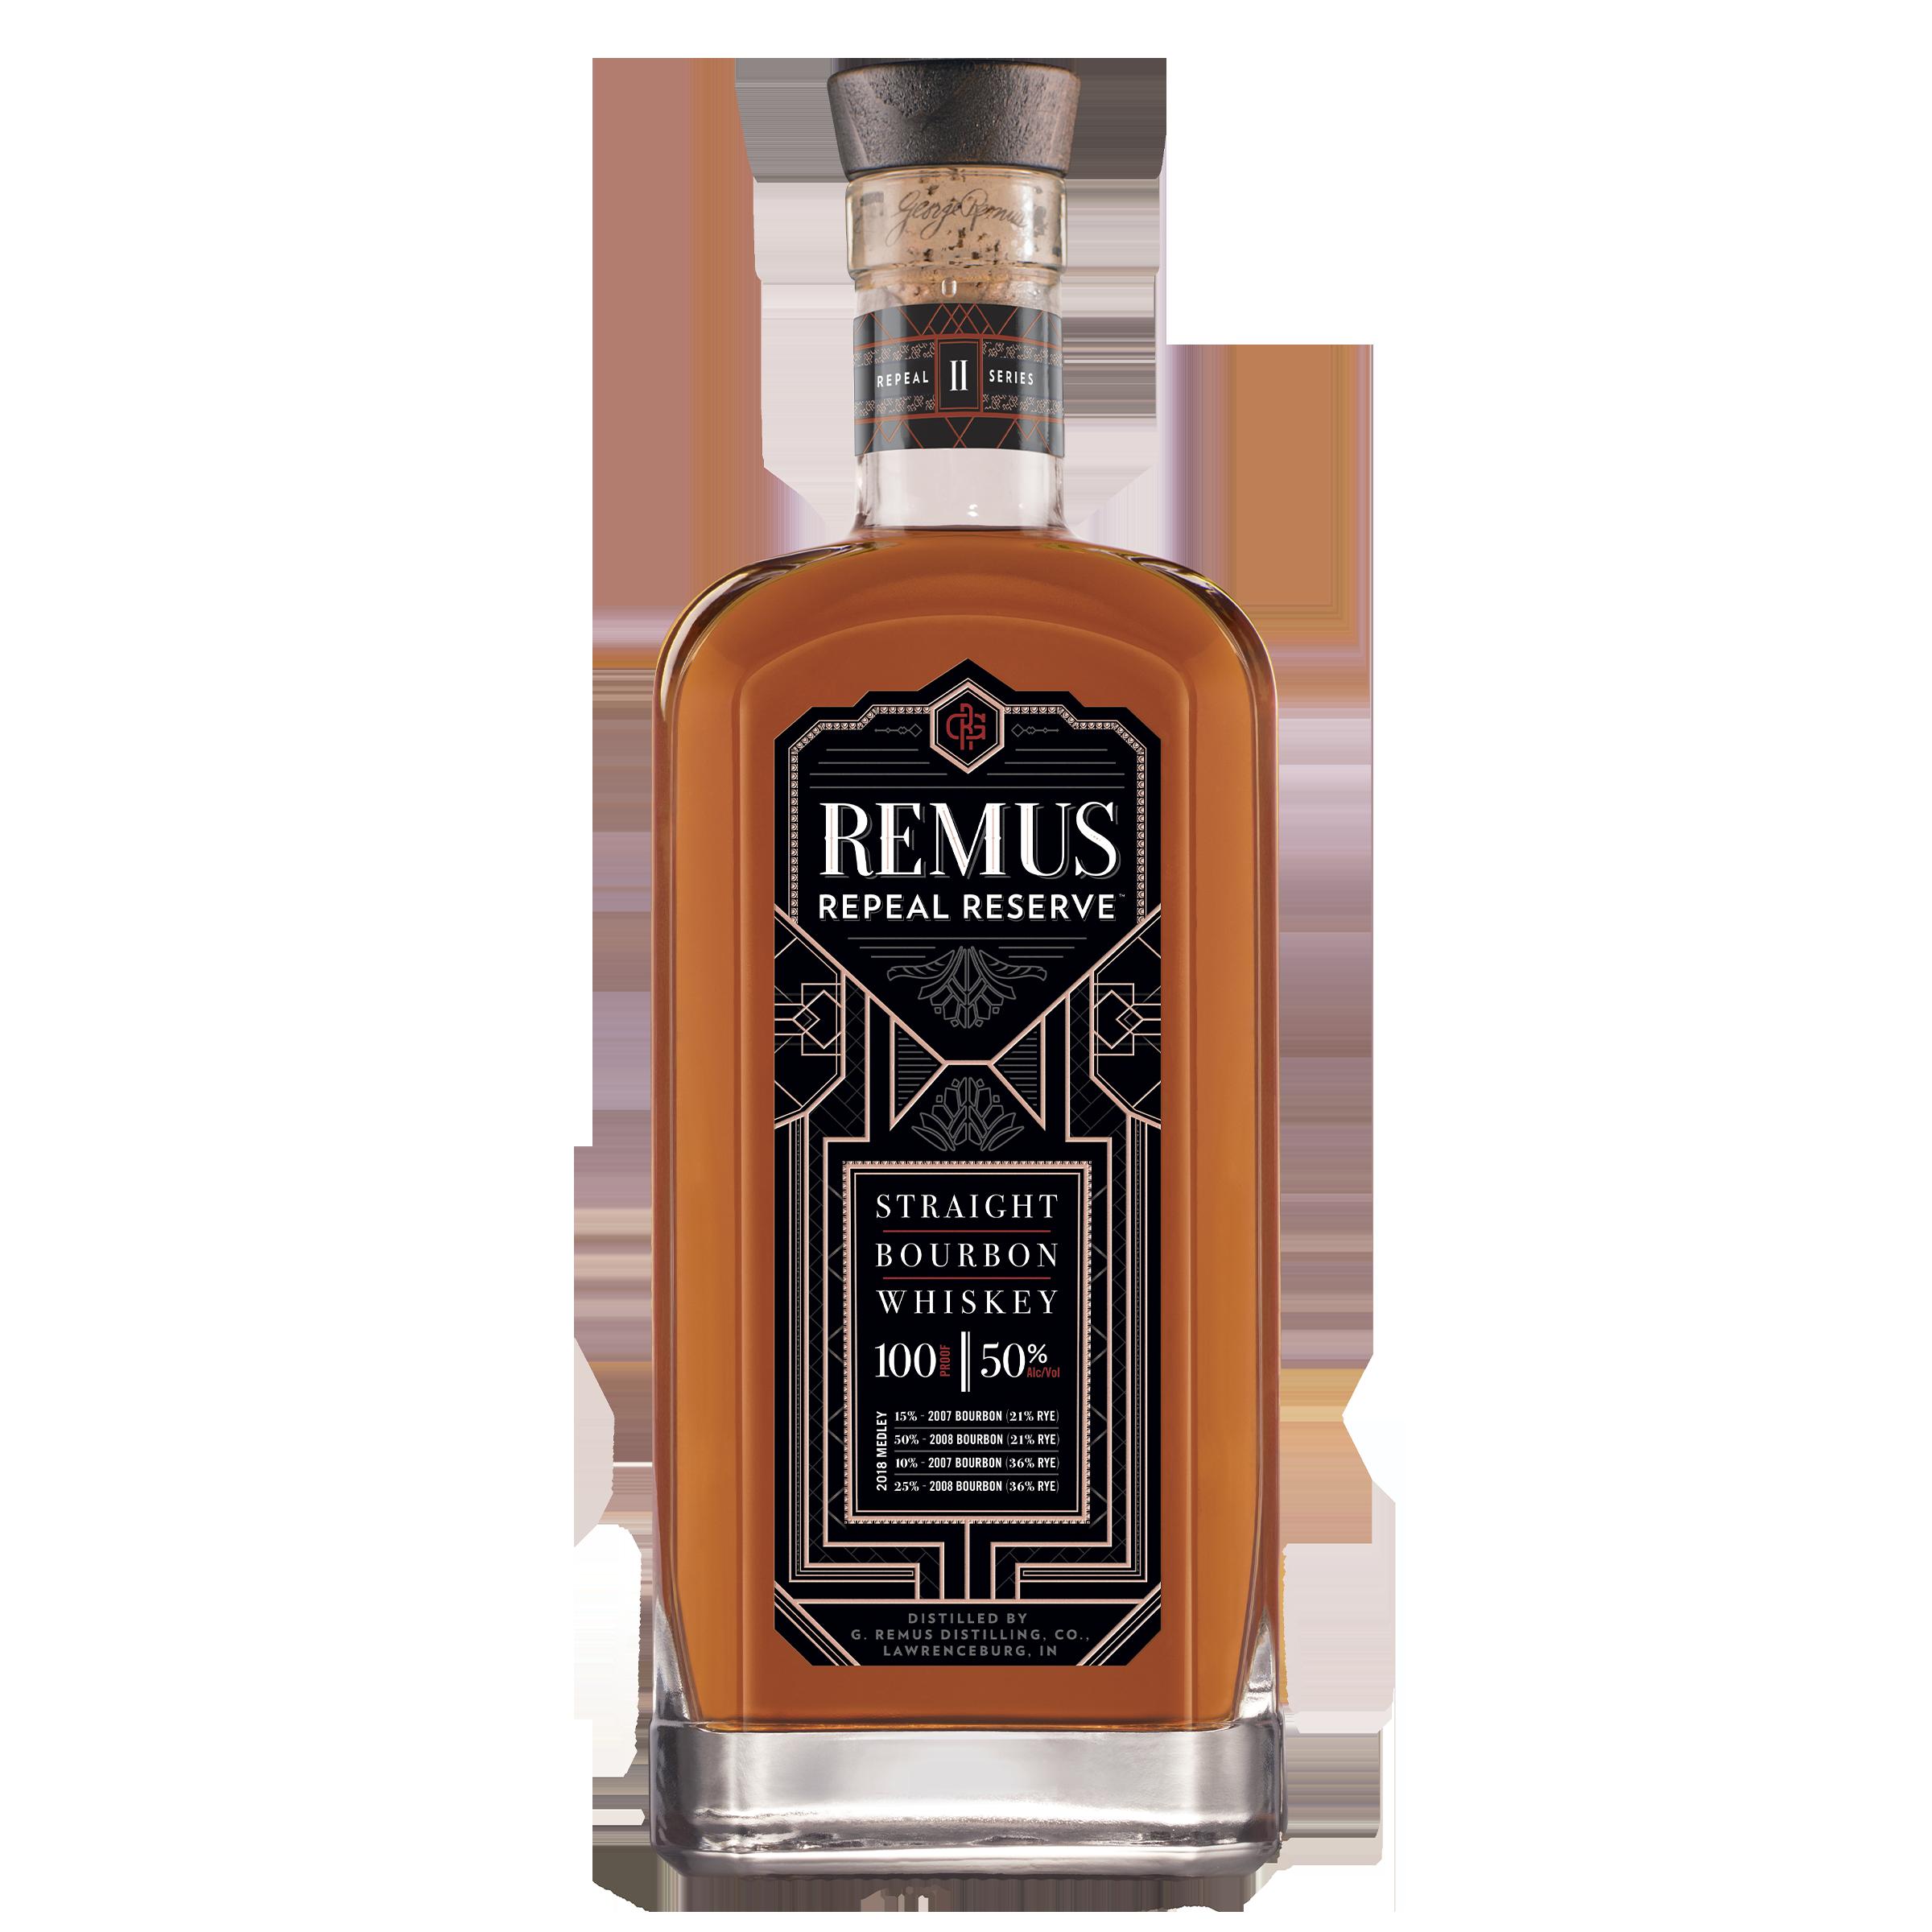 Remus Repeal Reserve Series 2 750ml